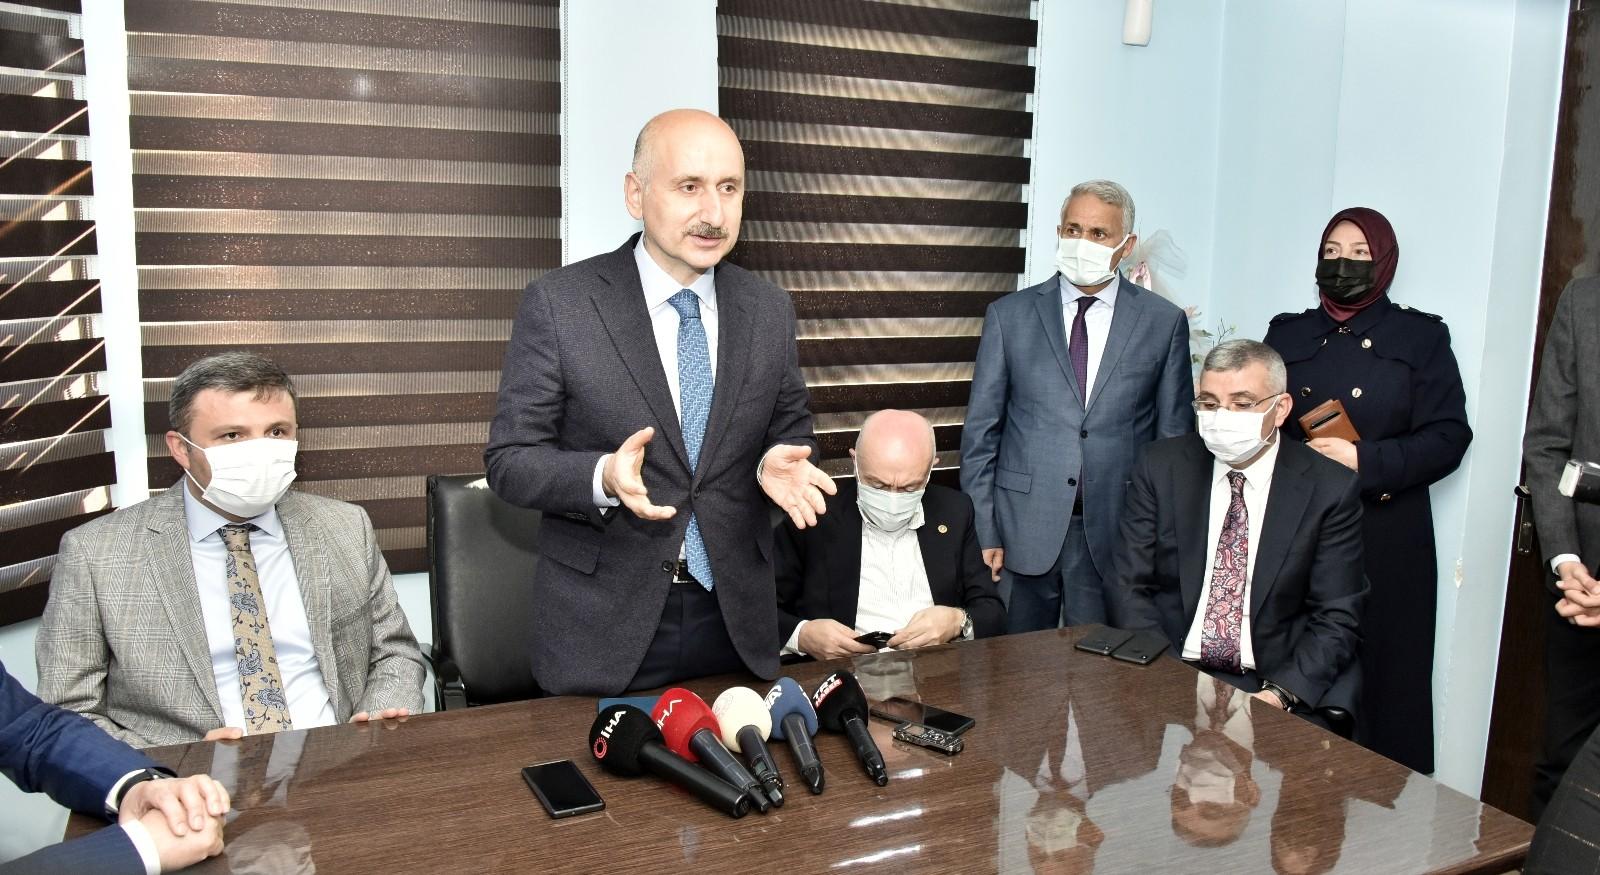 Ulaştırma ve Altyapı Bakanı Karaismailoğlu Gümüşhane'de